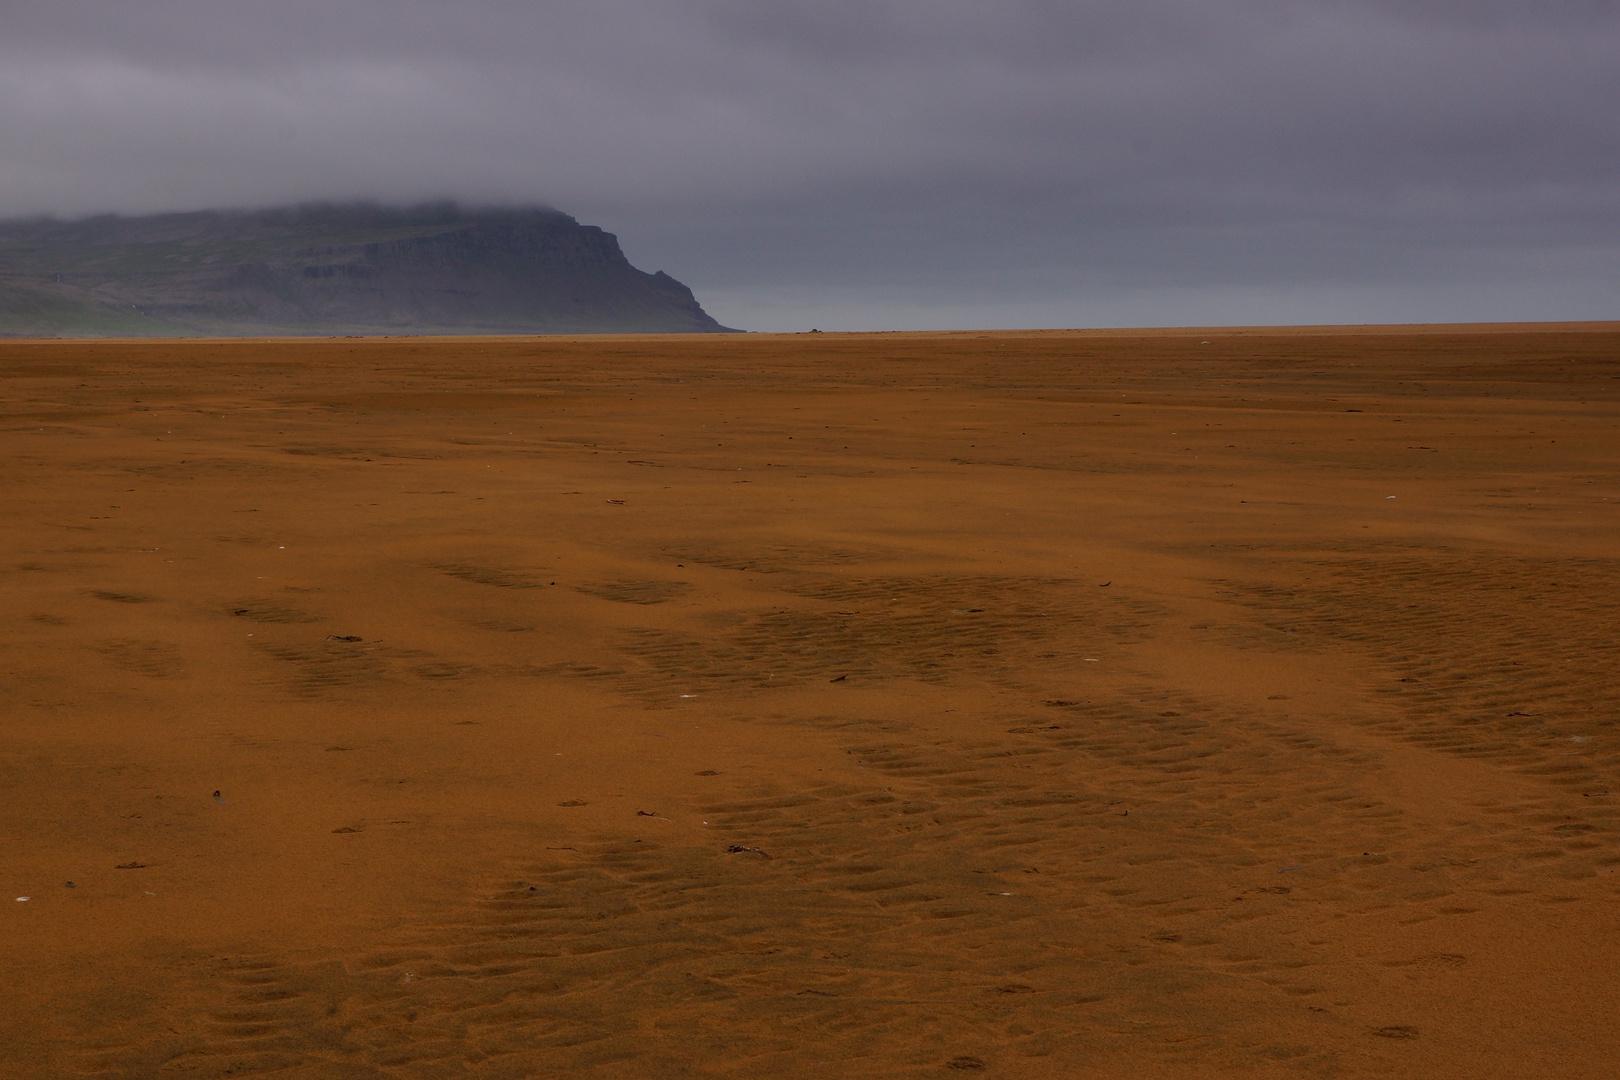 Der Mars?